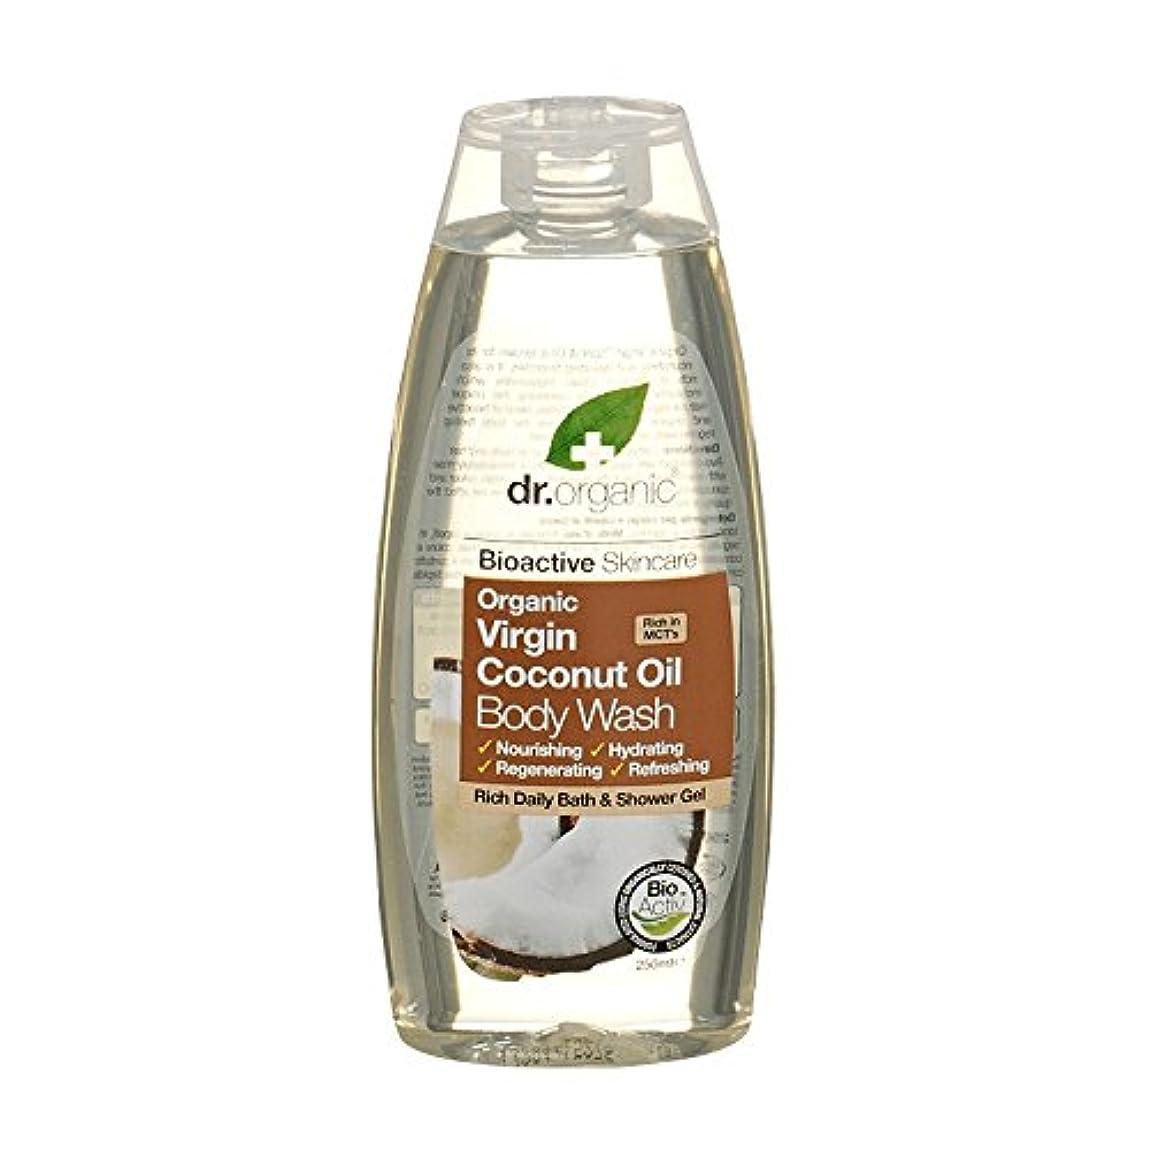 刺激する実用的ハリケーンDr Organic Organic Virgin Coconut Oil Body Wash (Pack of 2) - Dr有機有機バージンココナッツオイルボディウォッシュ (x2) [並行輸入品]